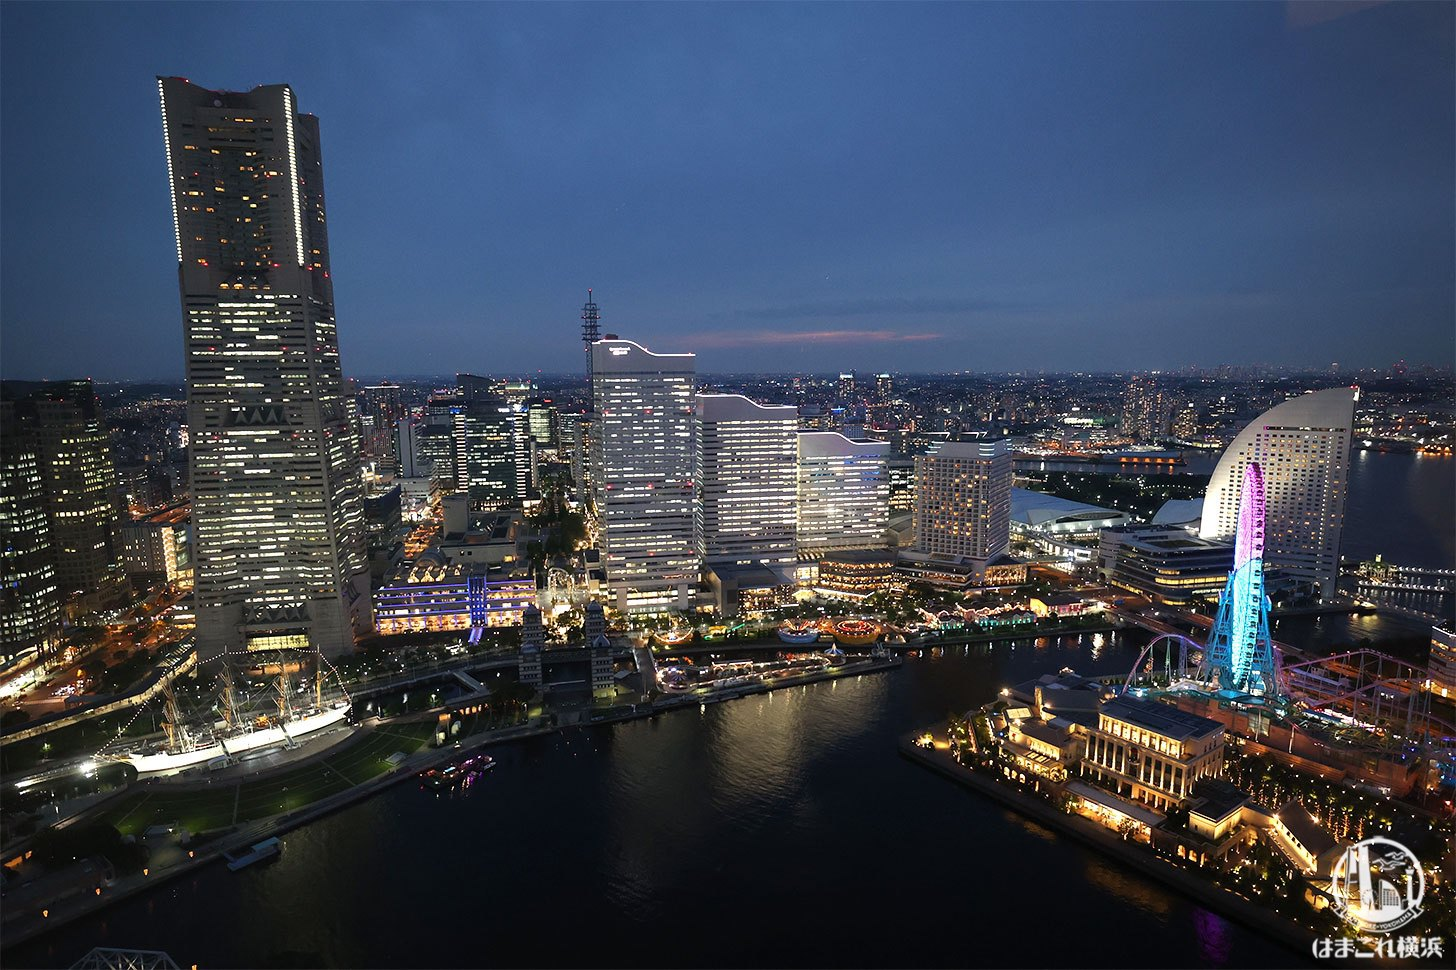 横浜北仲ノット無料展望台から見た夜景 横浜ランドマークタワーと大観覧車